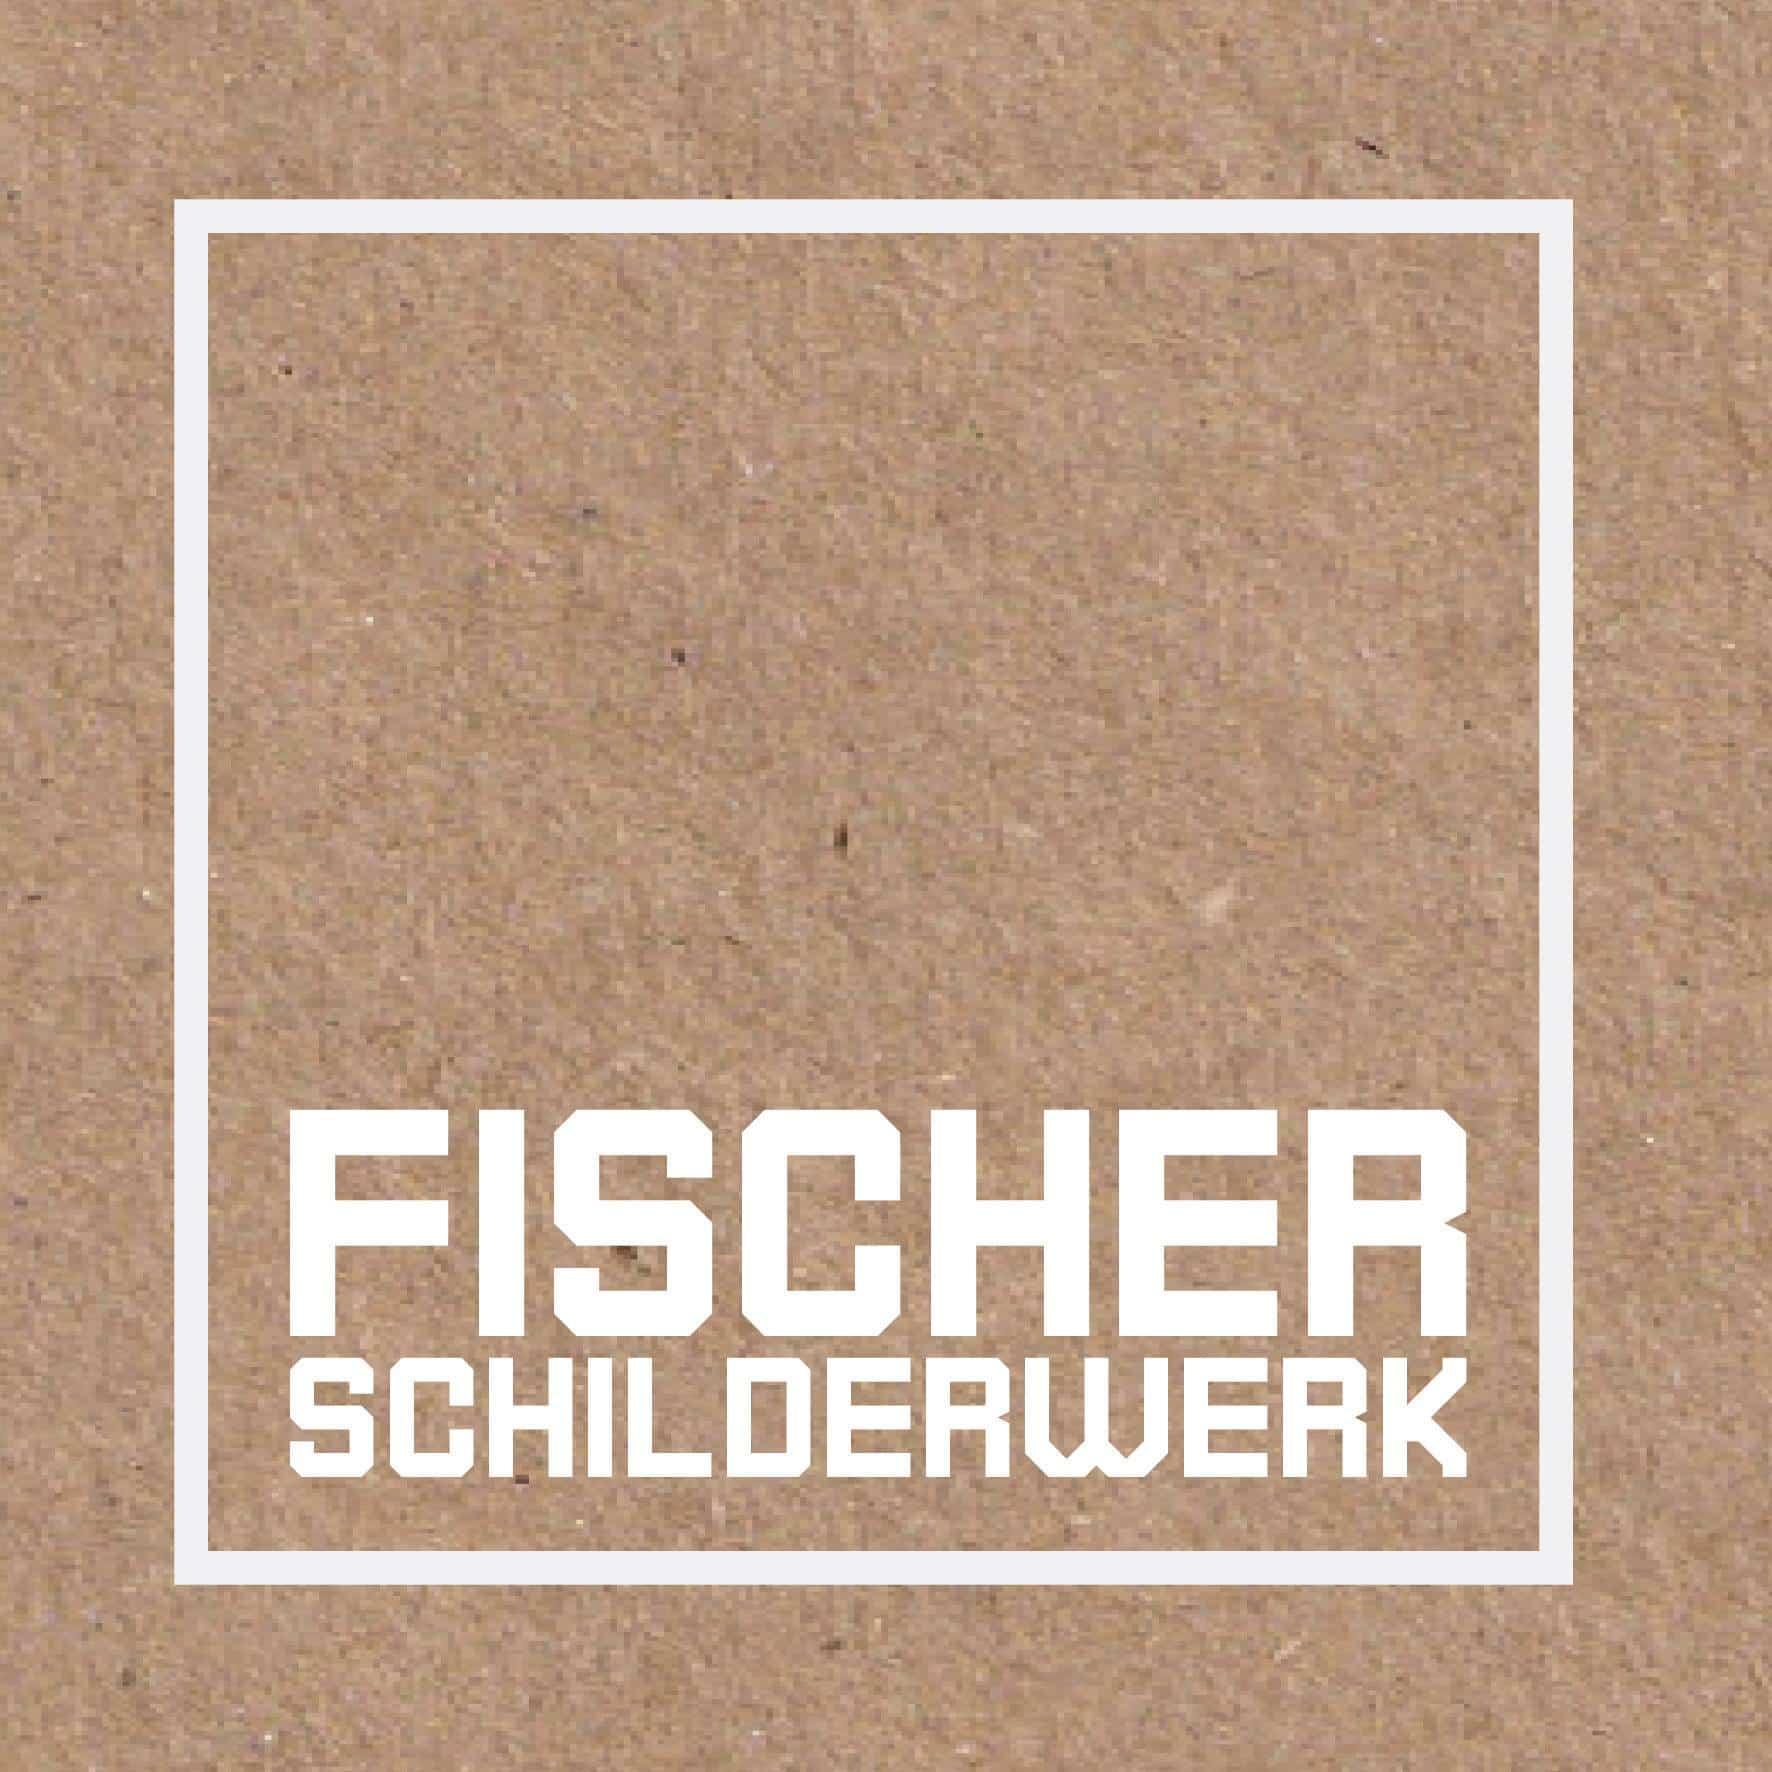 Fischer-schilderwerk